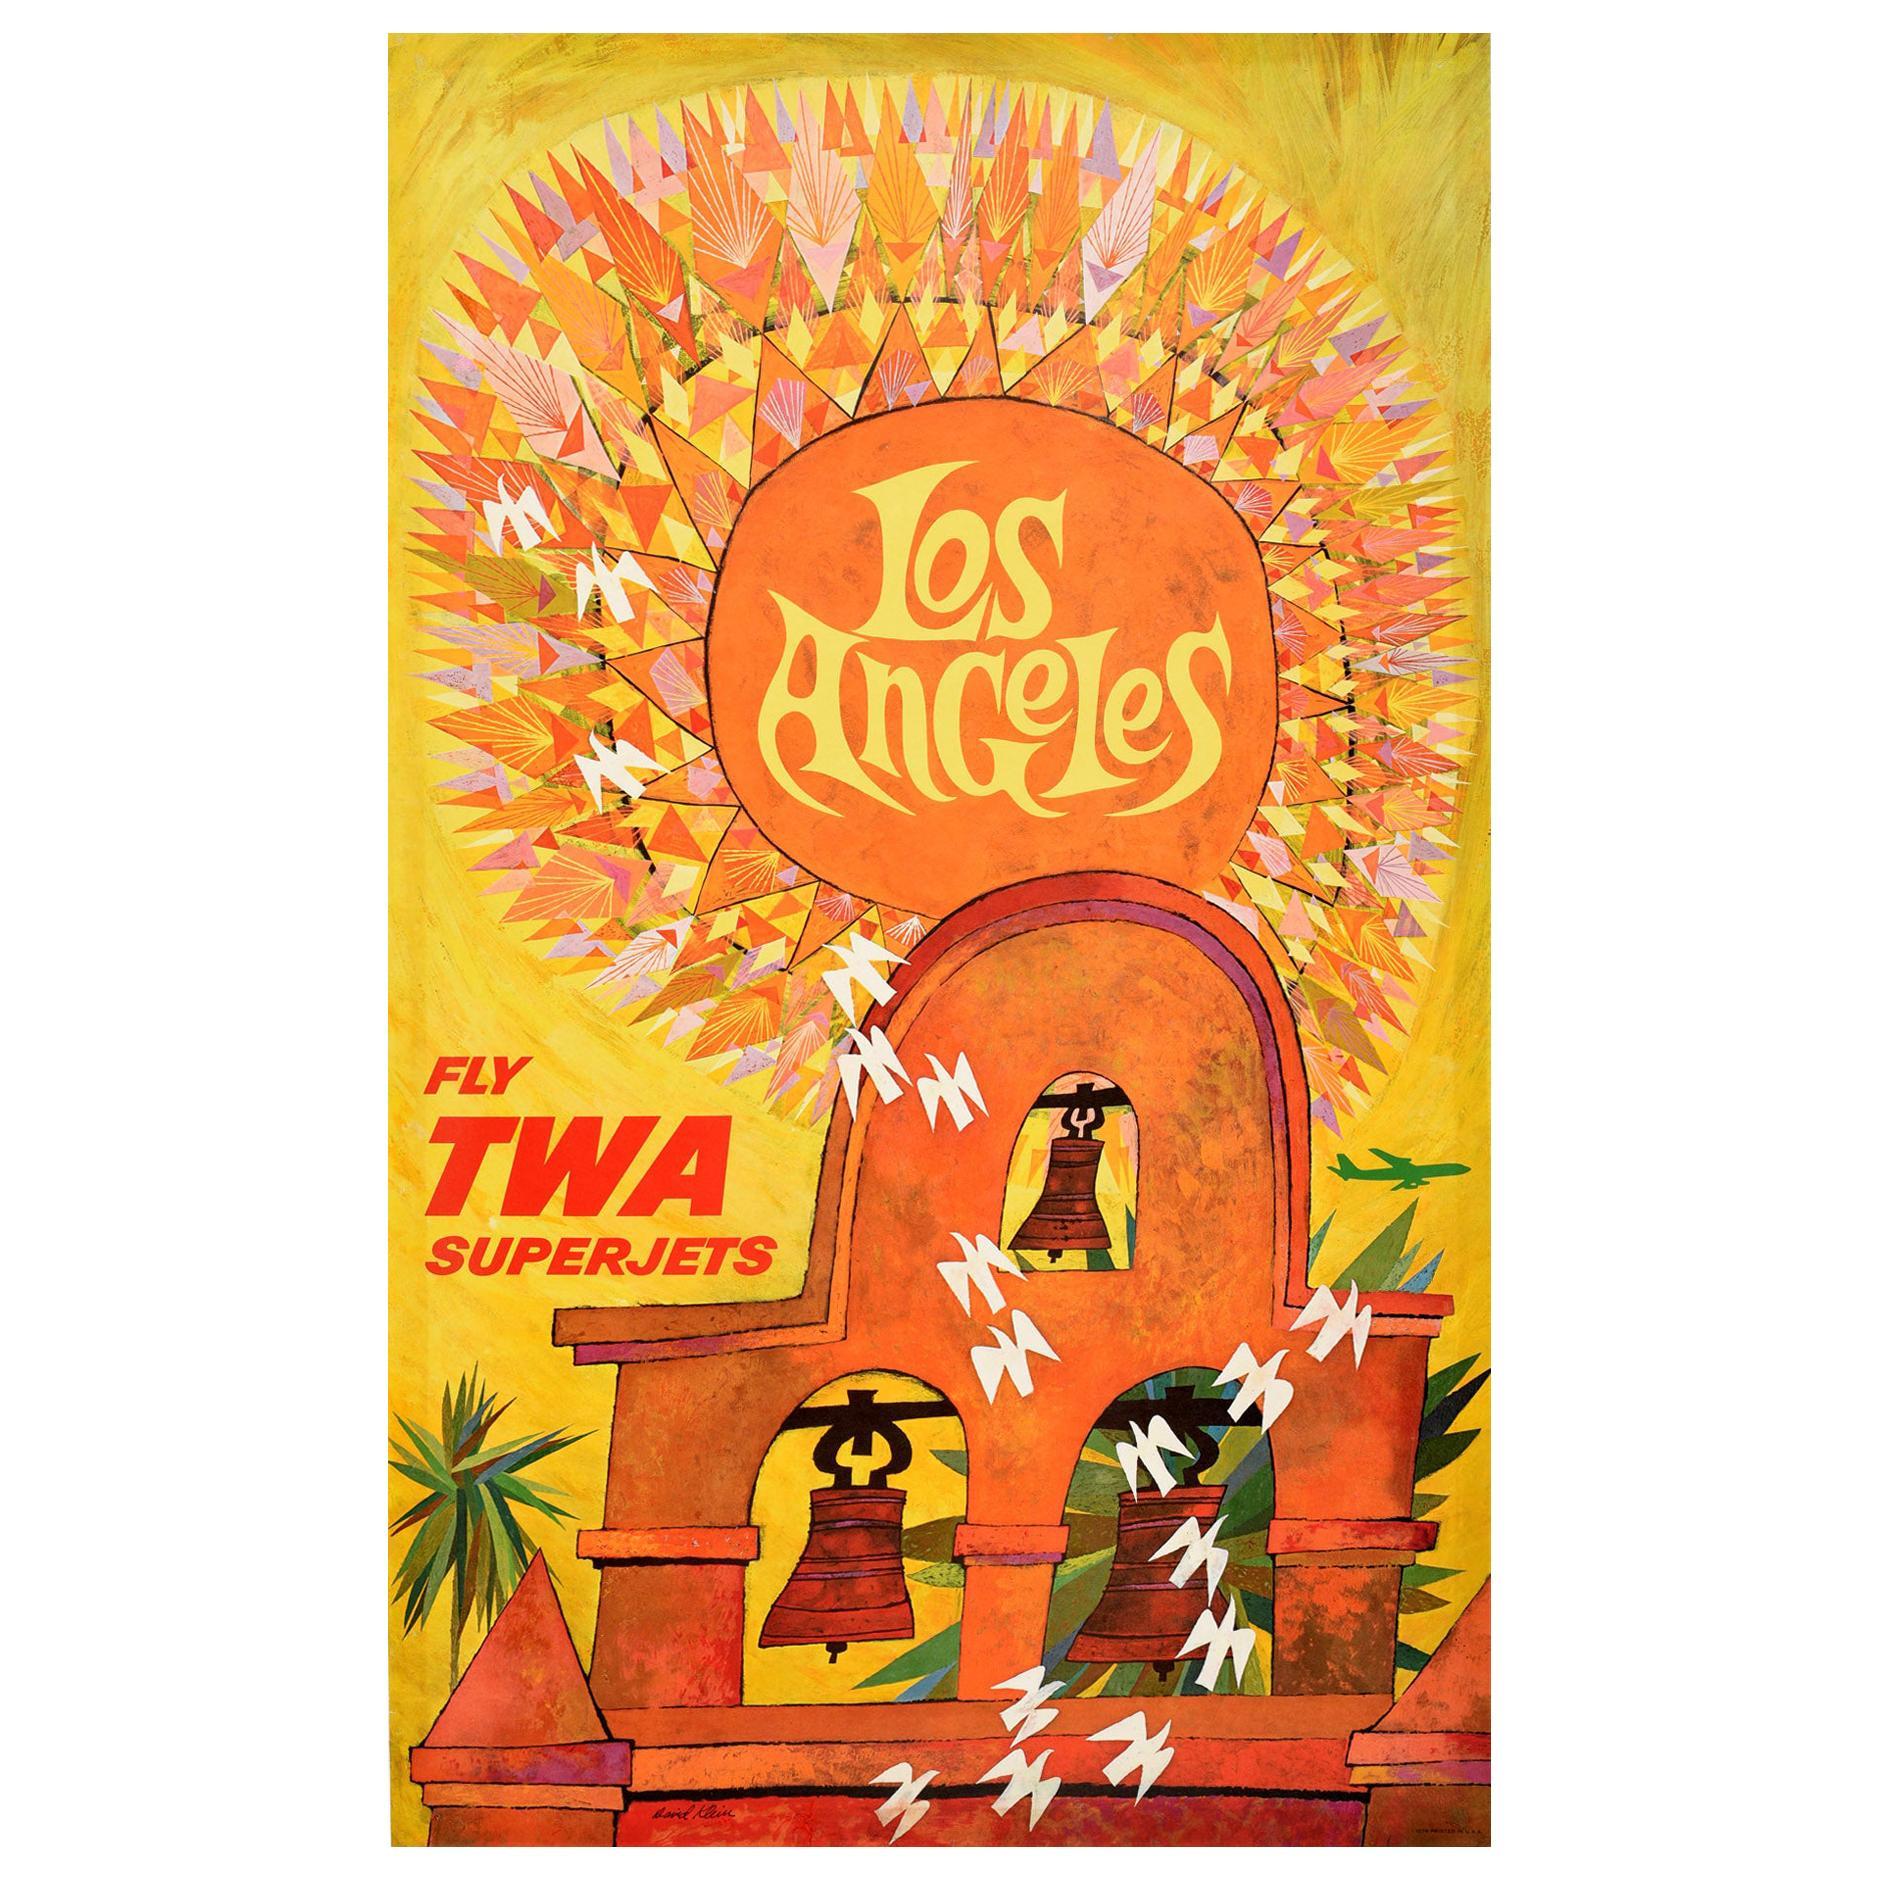 Original Vintage Poster Los Angeles Fly TWA Superjets Mission Bells Travel Art